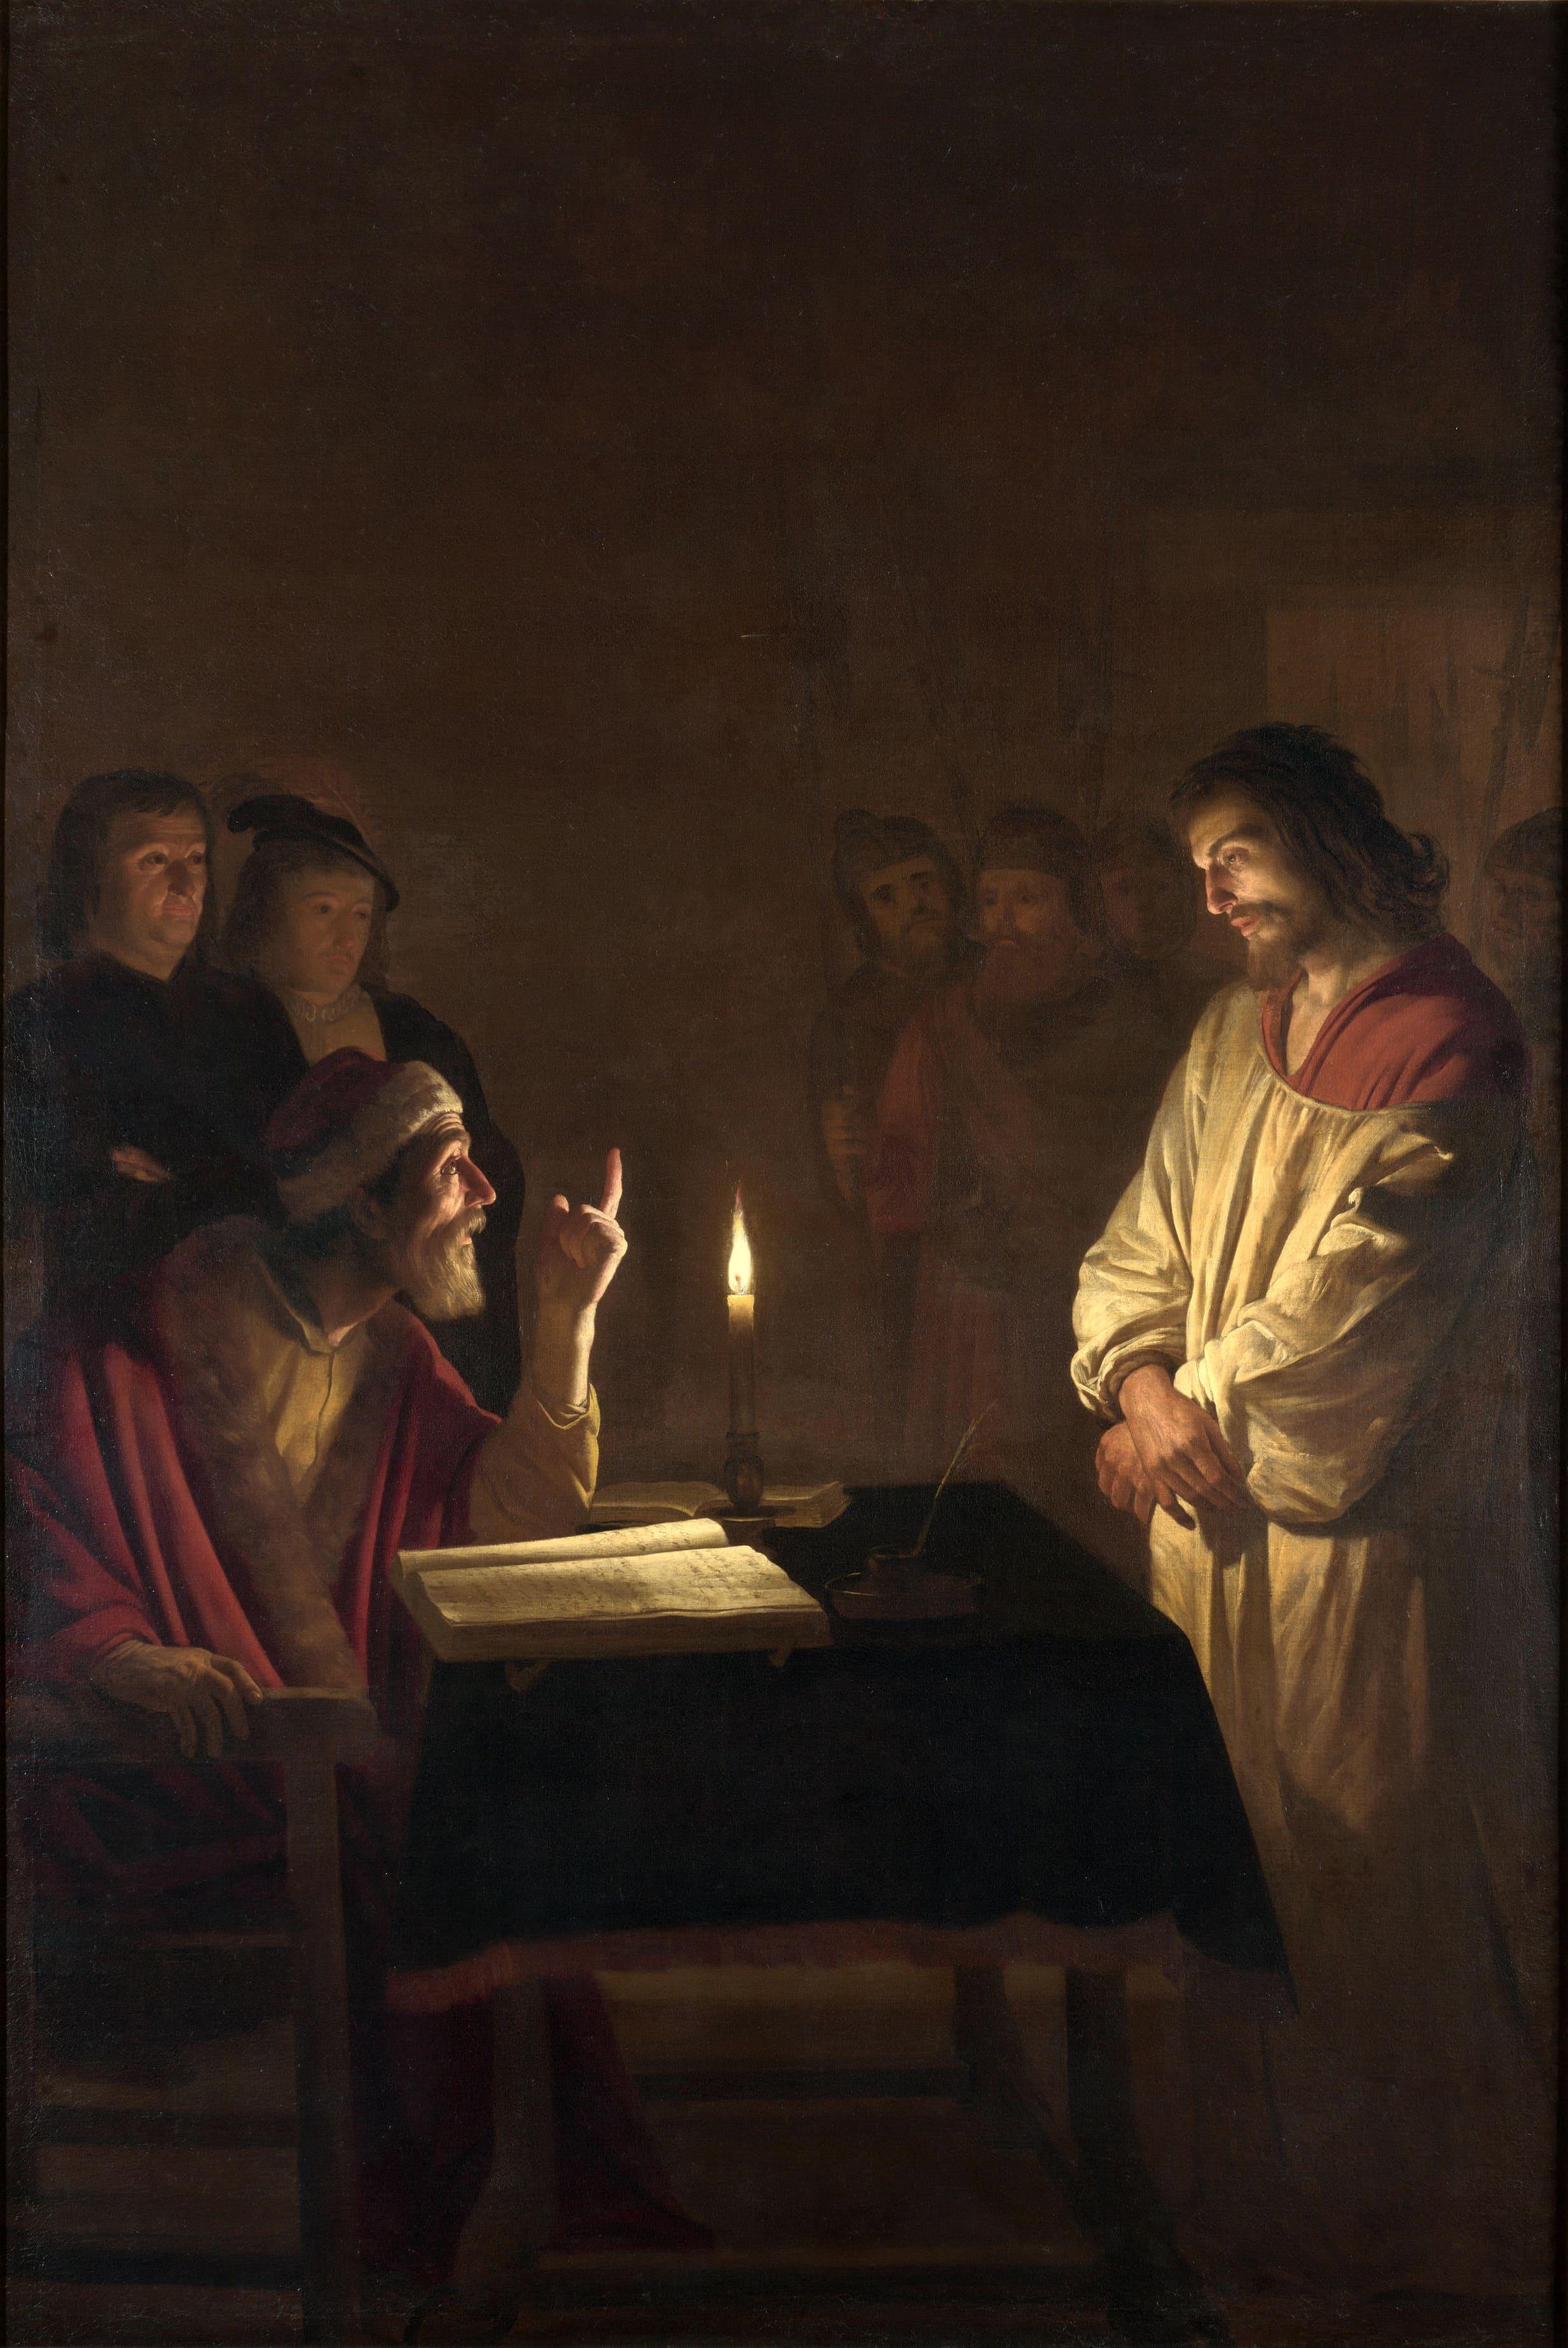 Christ grand prêtre doigt levé accusation lueur bougie Gerrit van Honthorst